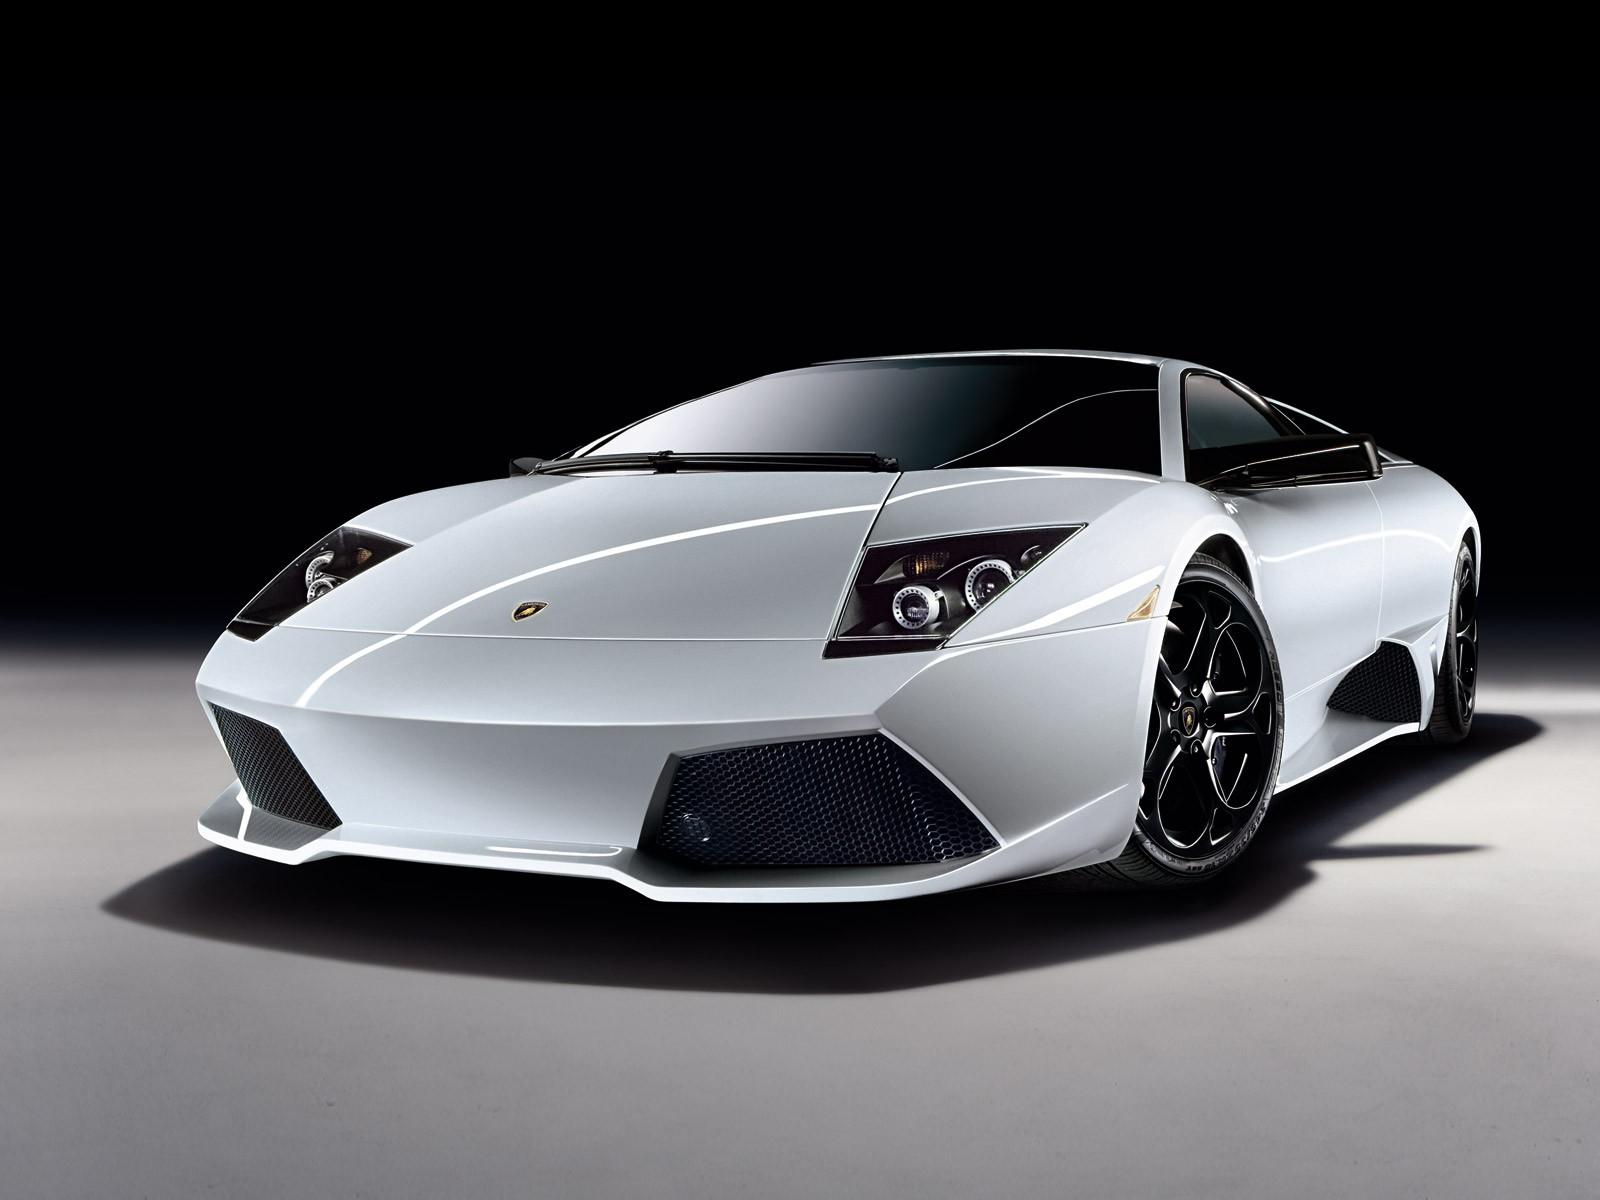 Luxury Lamborghini Cars Black Lamborghini Murcielago Wallpaper